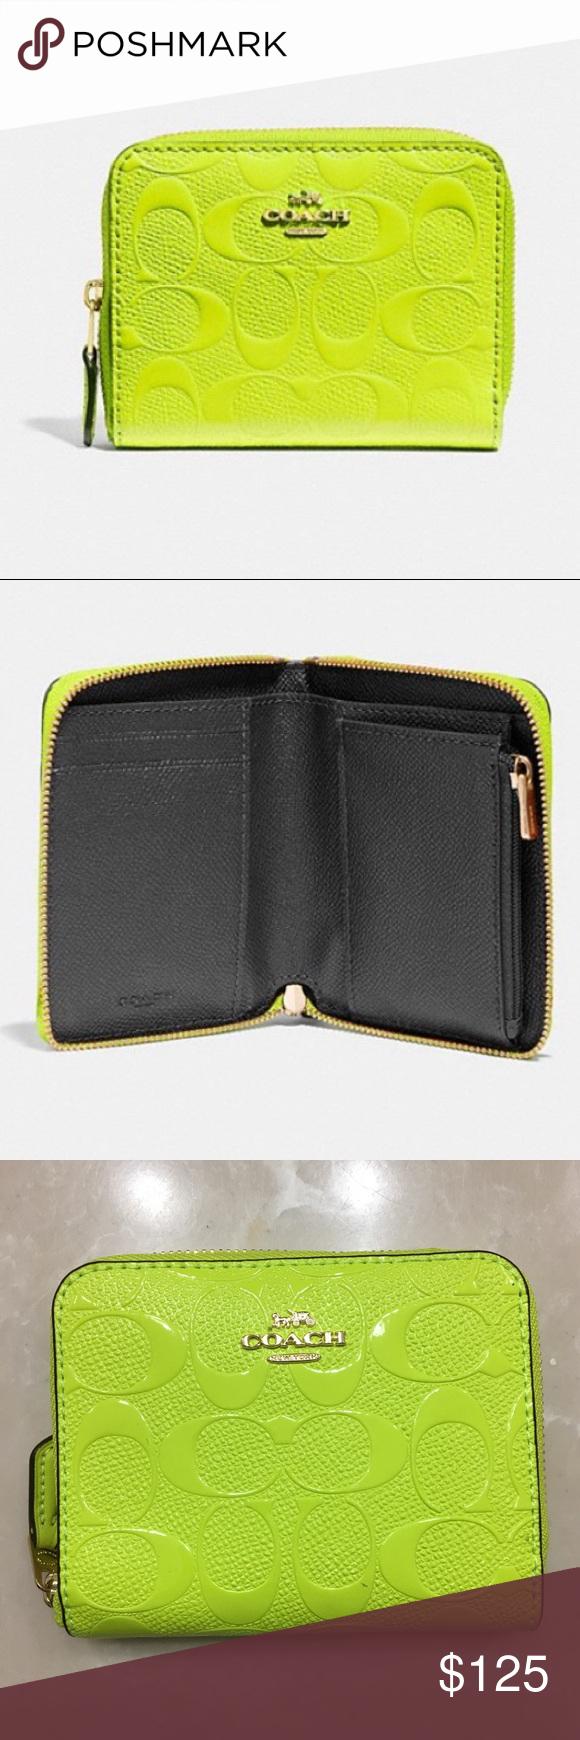 269eda79dd0b NWT COACH Signature Wallet Neon Yellow NWT COACH Small Zip Around Wallet In  Signature Leather NEON